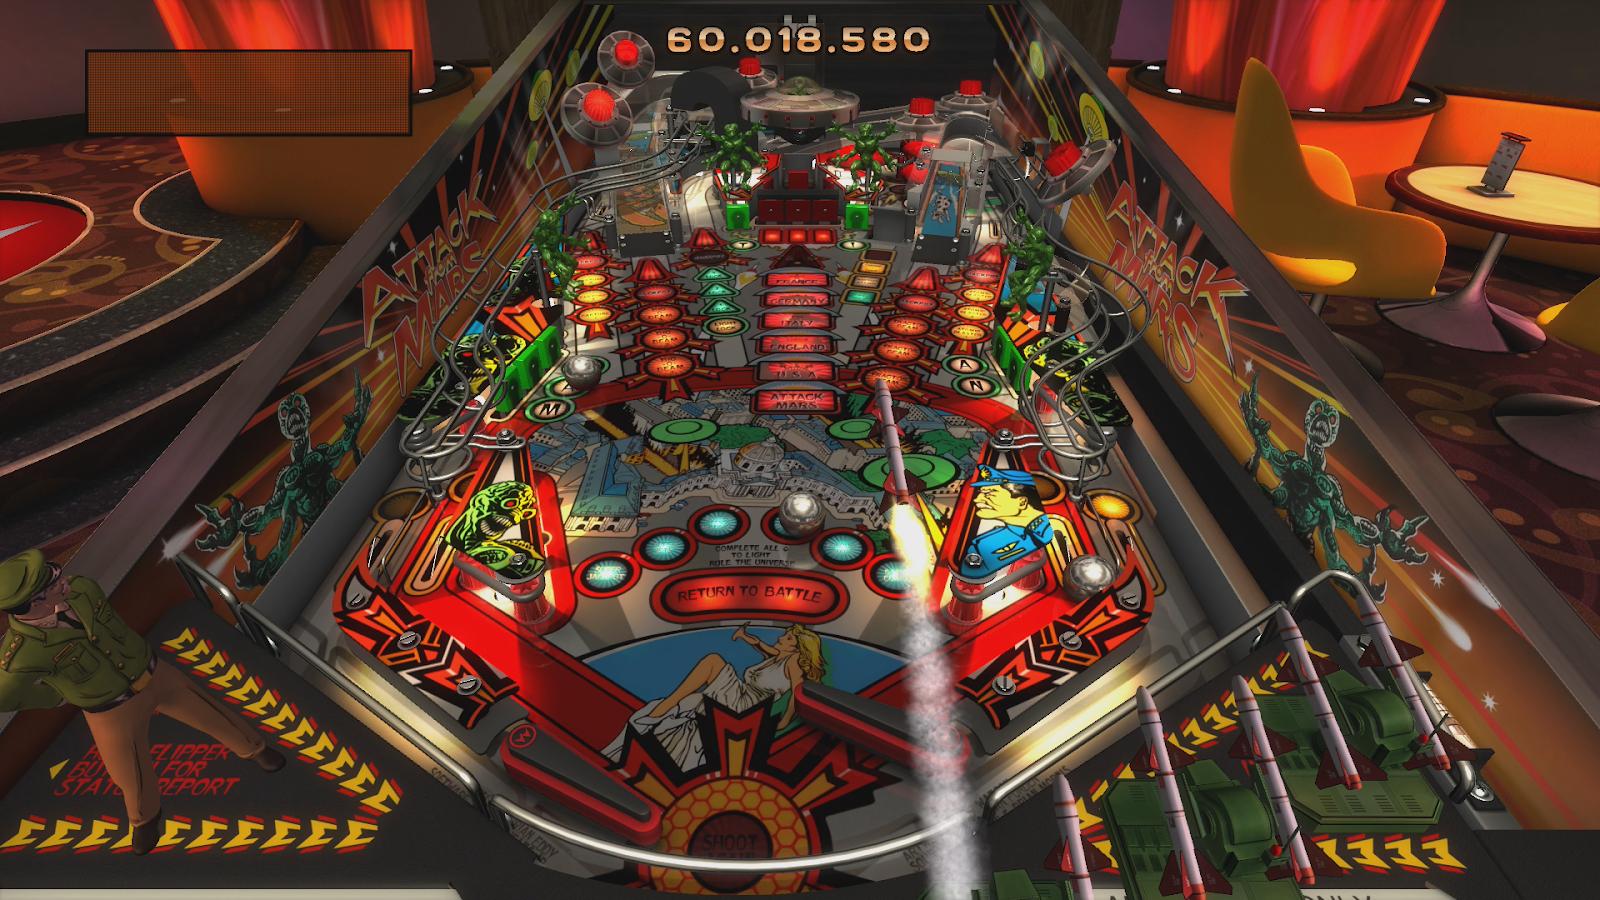 Nindie Spotlight: Review: Pinball FX3 - Williams Pinball